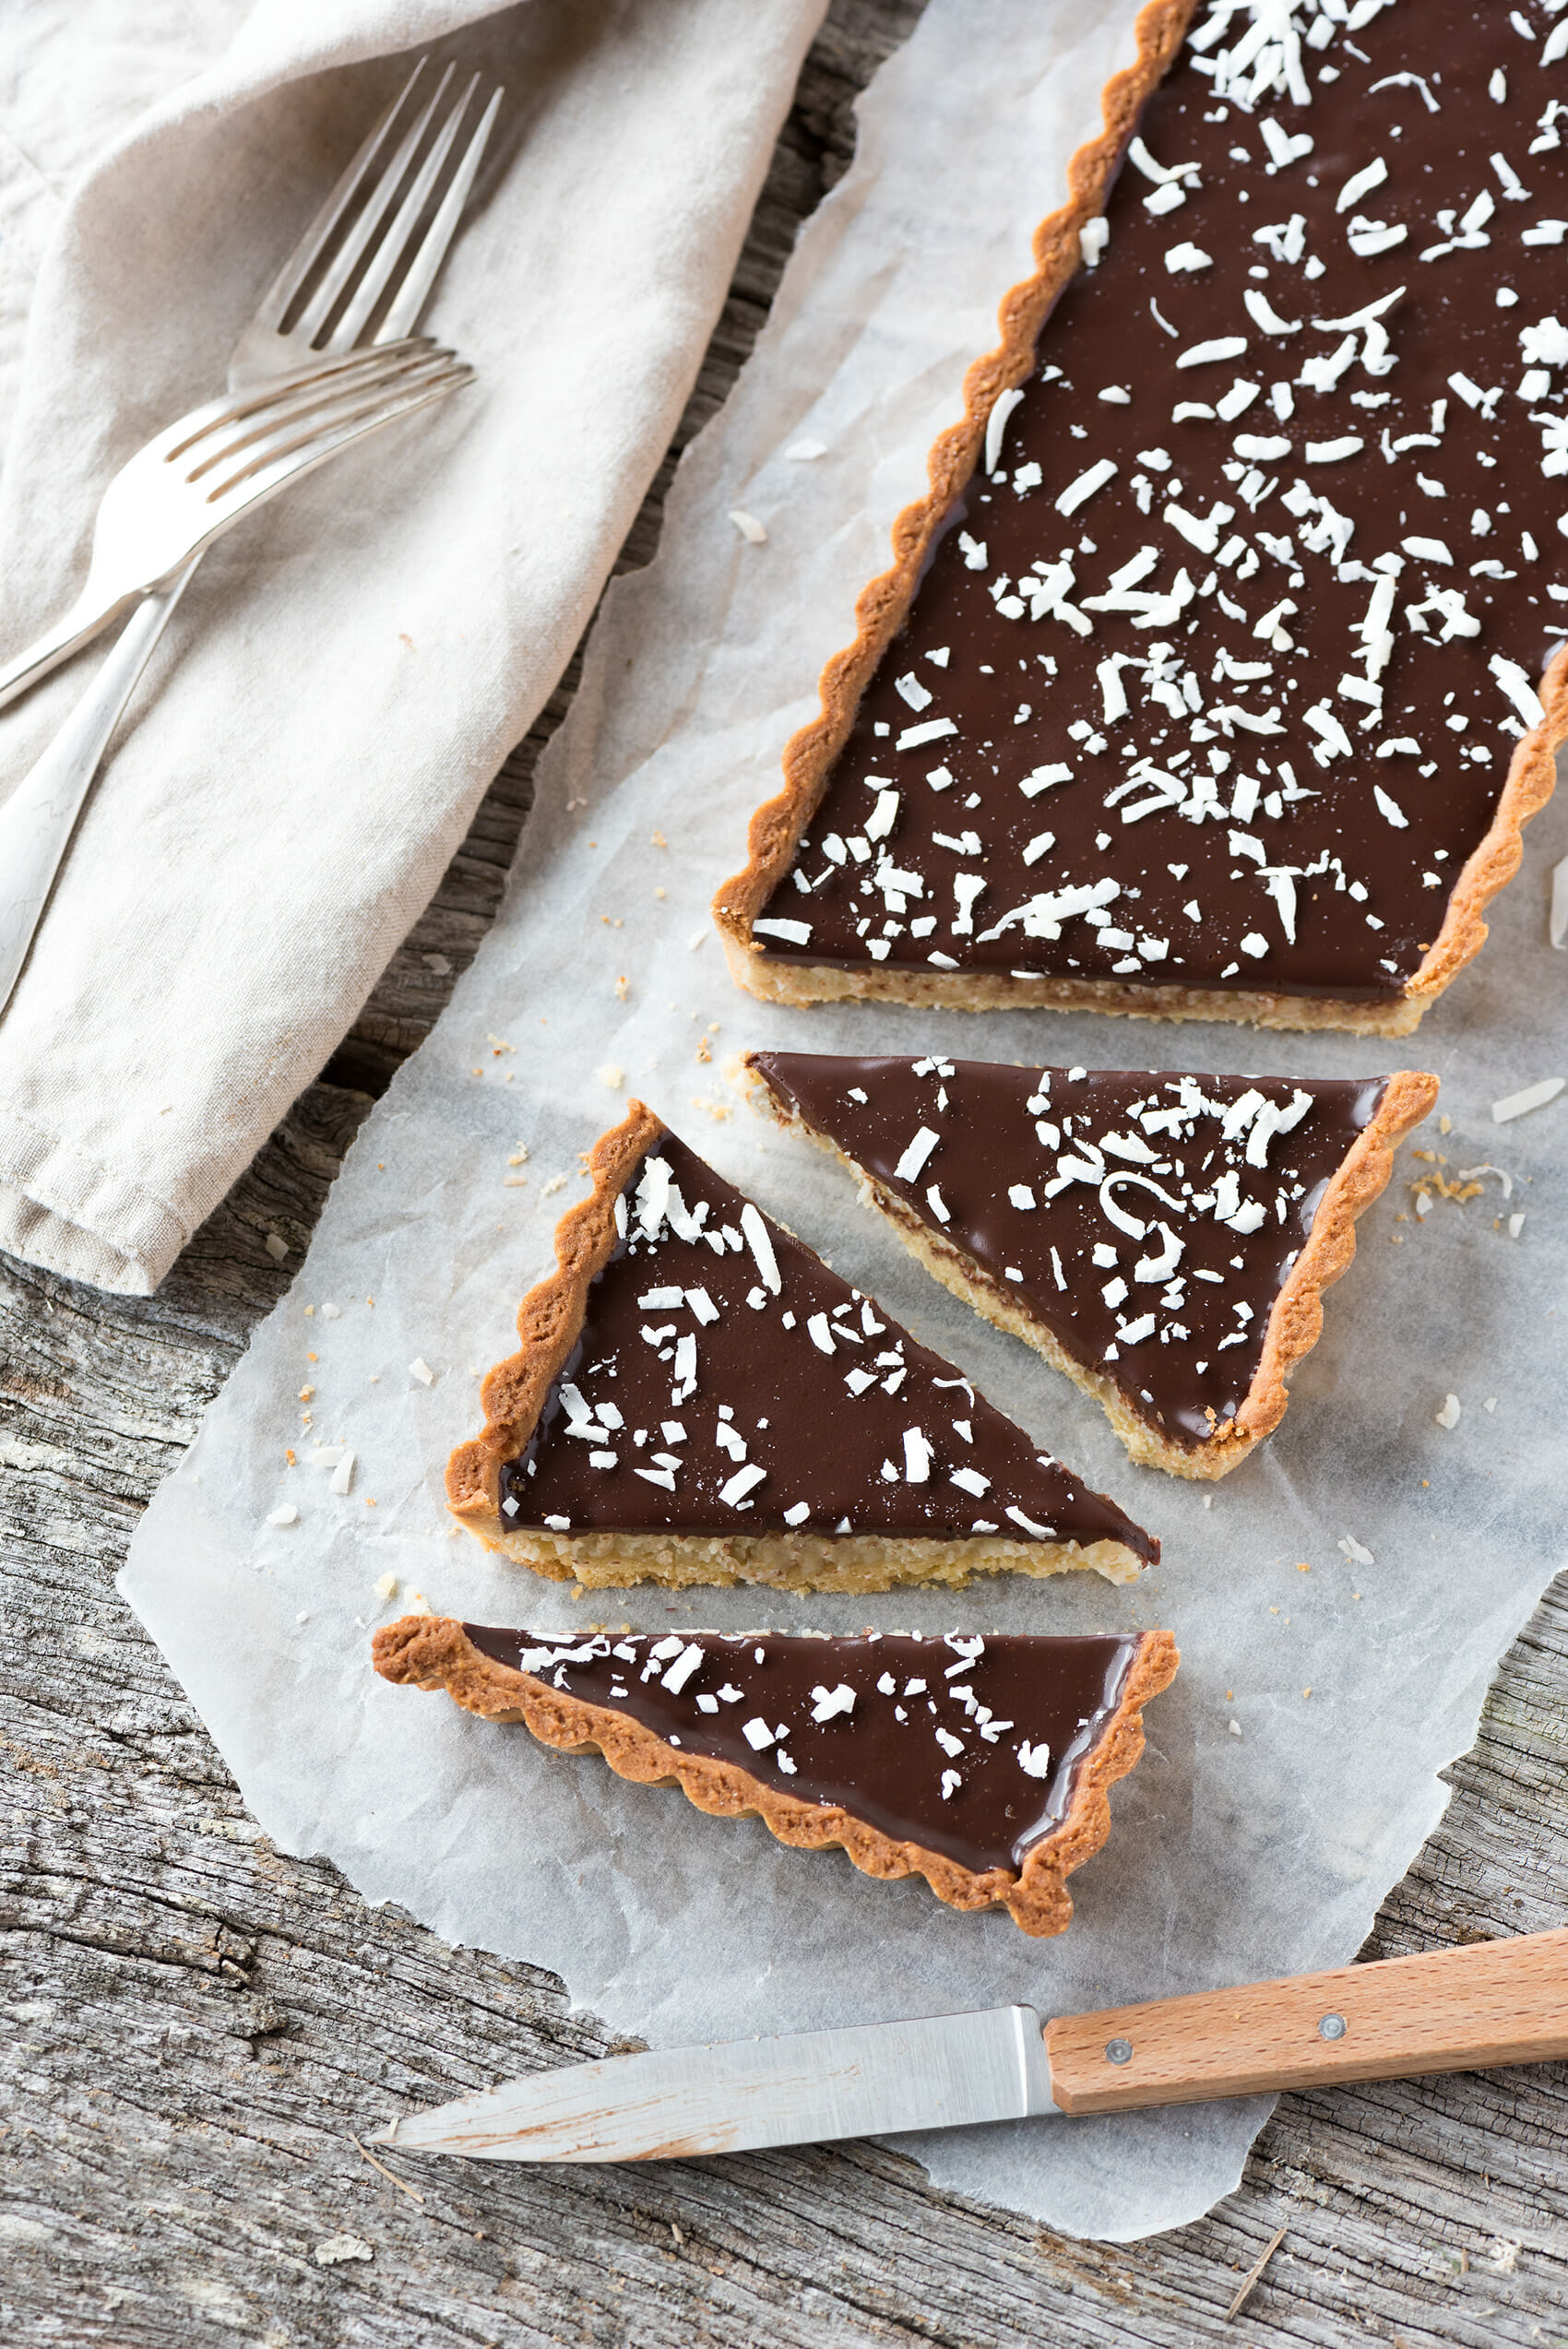 Tarte Noix de Coco, Chocolat, Amandes | Lilie Bakery